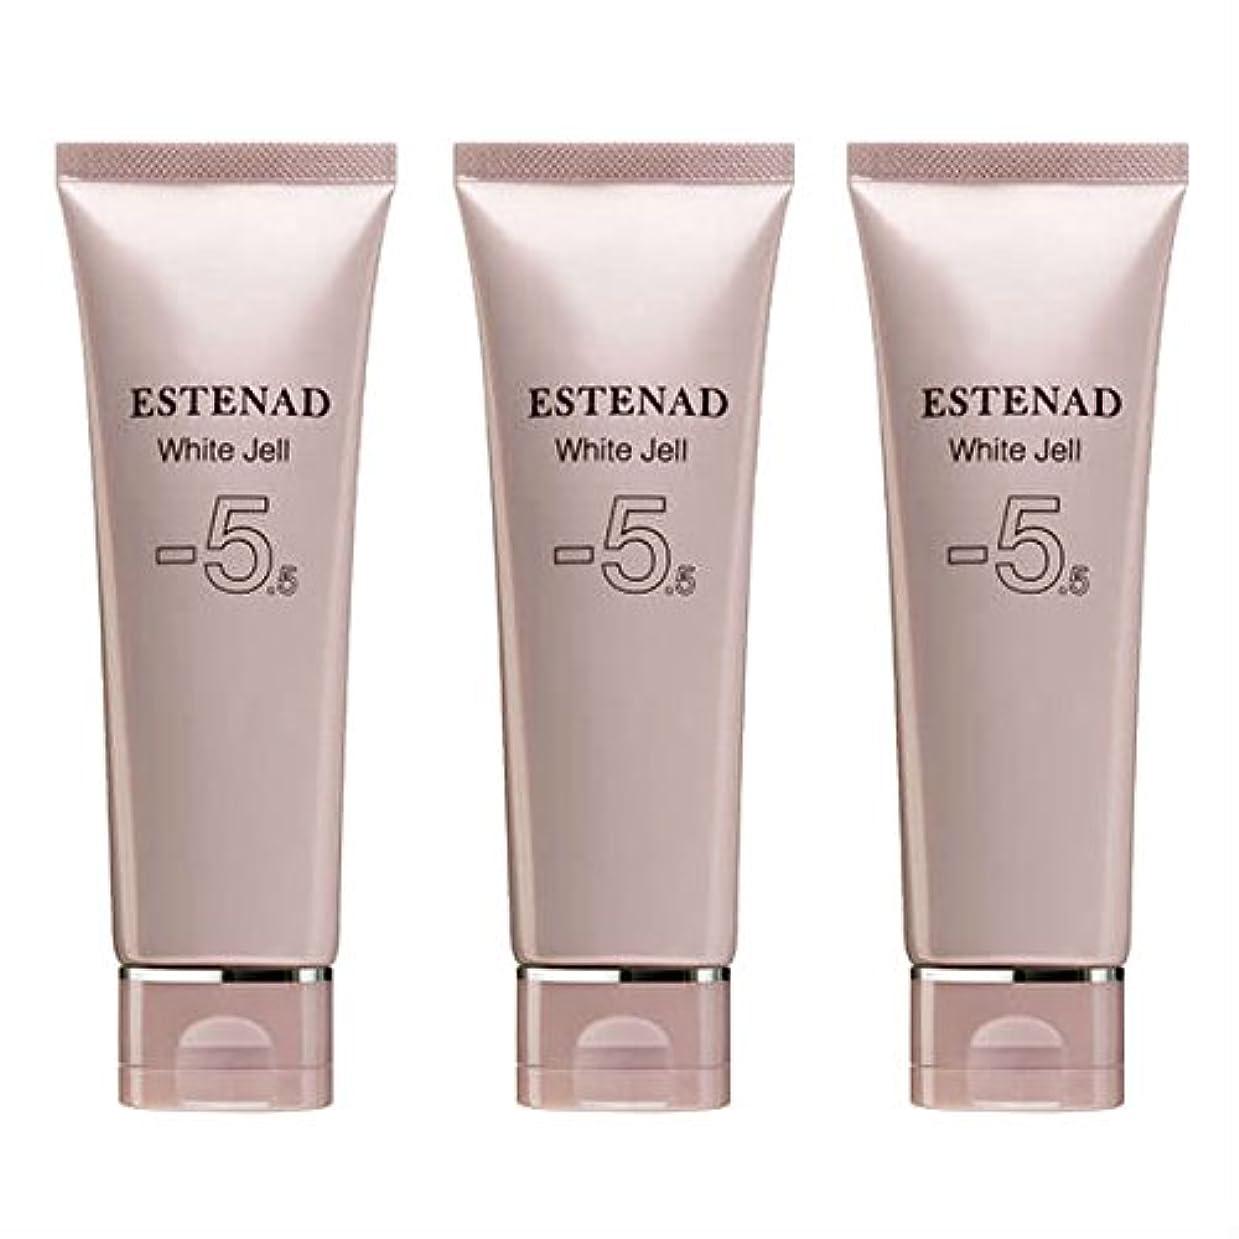 突っ込むチョーク媒染剤エステナード 薬用ホワイトジェル 70g 3本セット